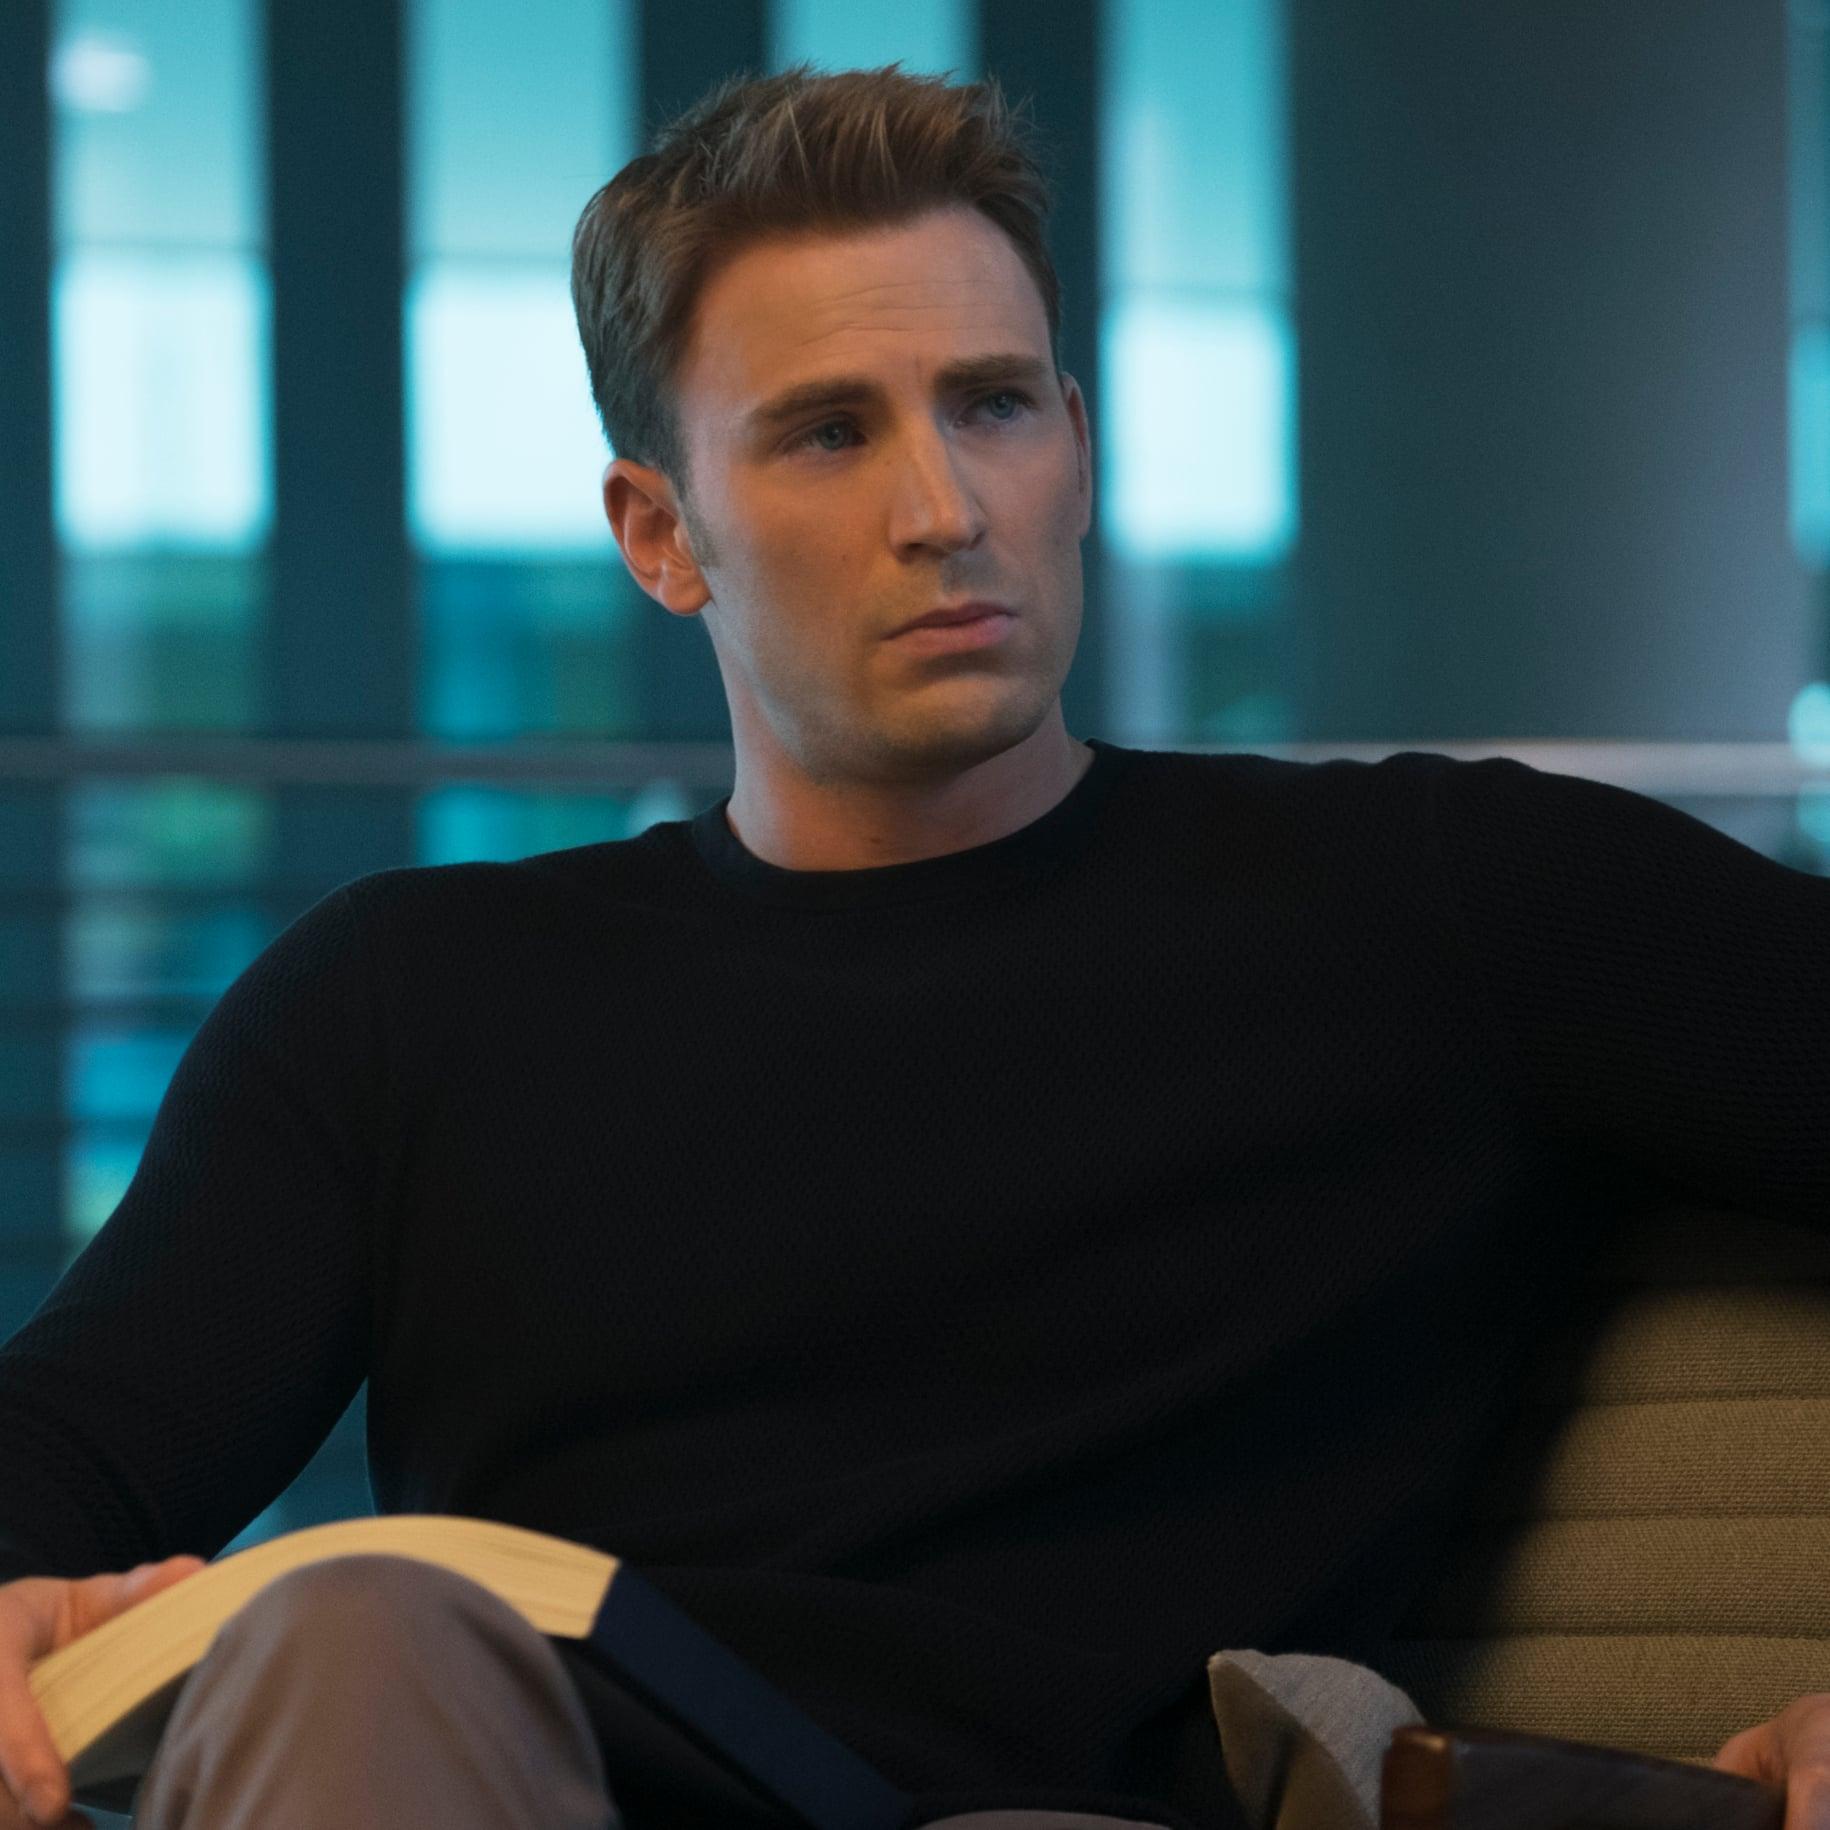 Wenn dein Charakter Schauspieler wäre.. Chris-Evans-Interview-Captain-America-Civil-War